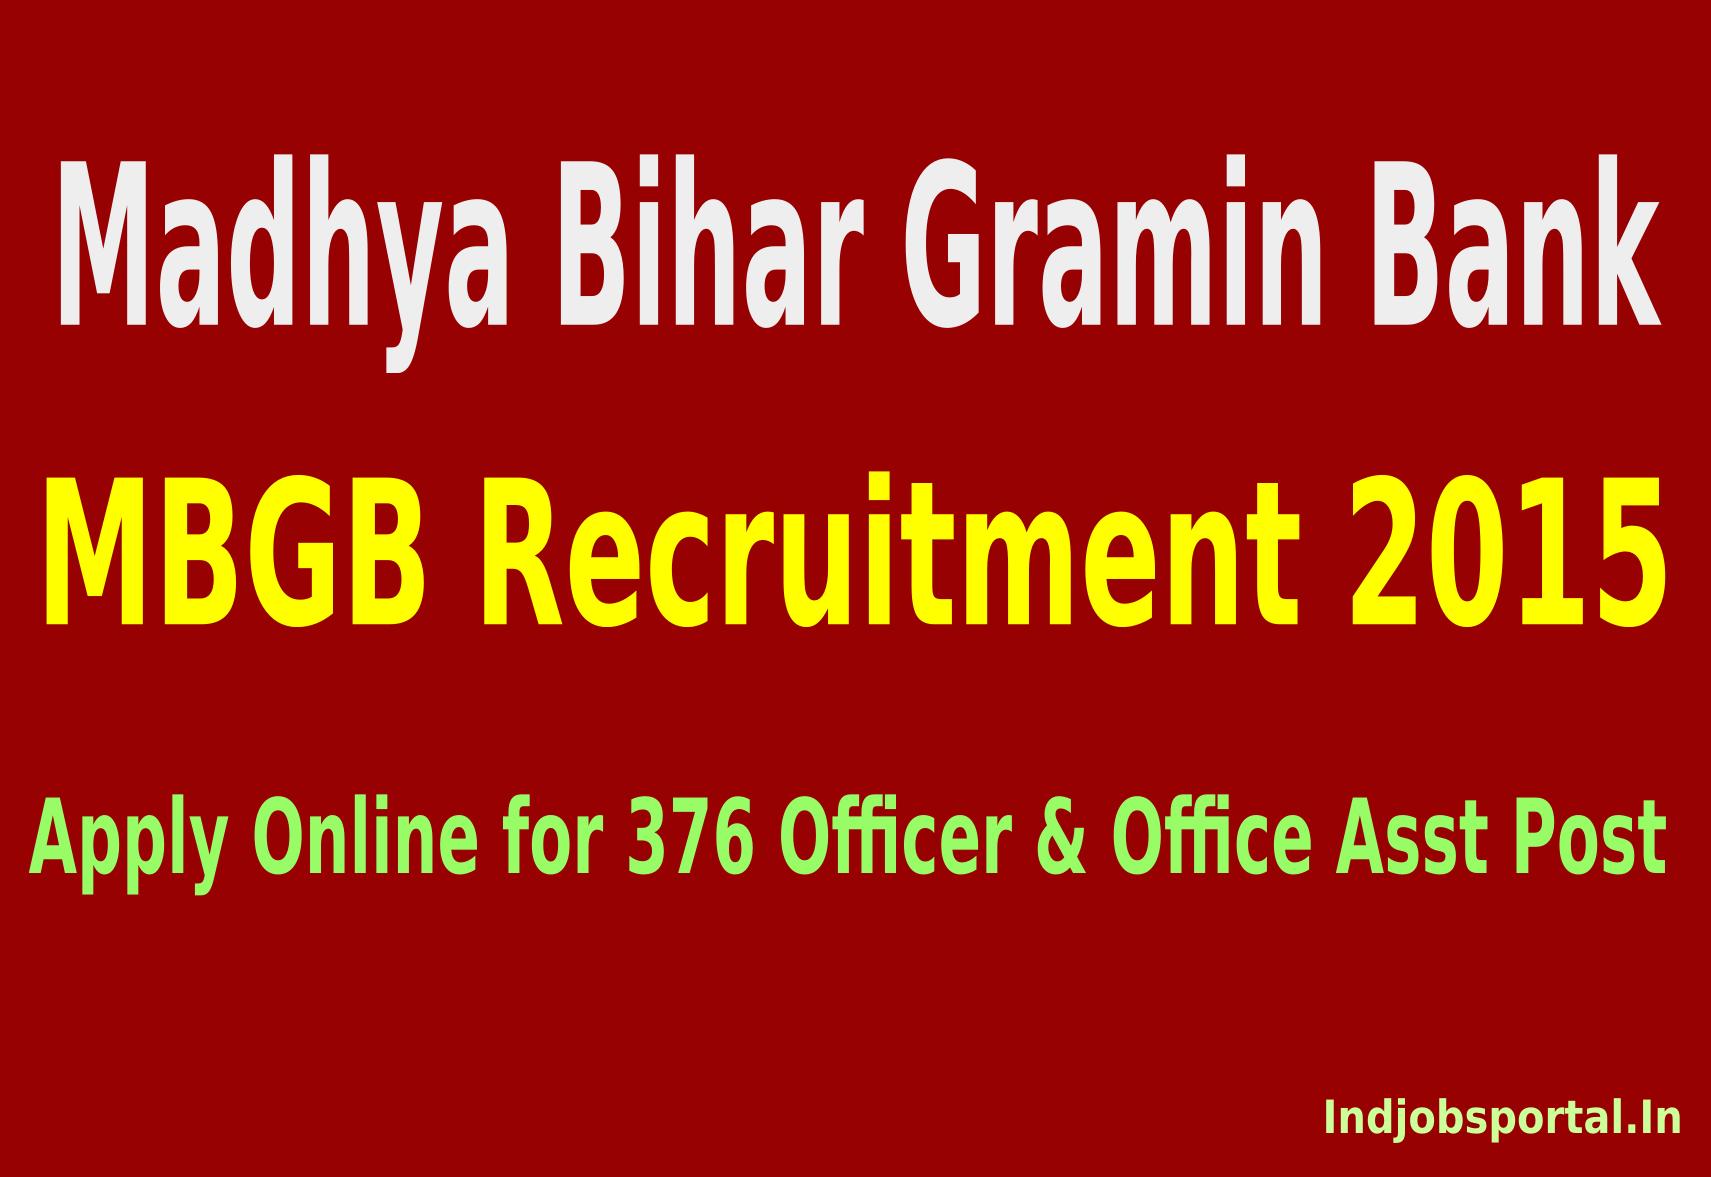 MBGB Recruitment 2015: Apply Online for 376 Officer & Office Asst Post